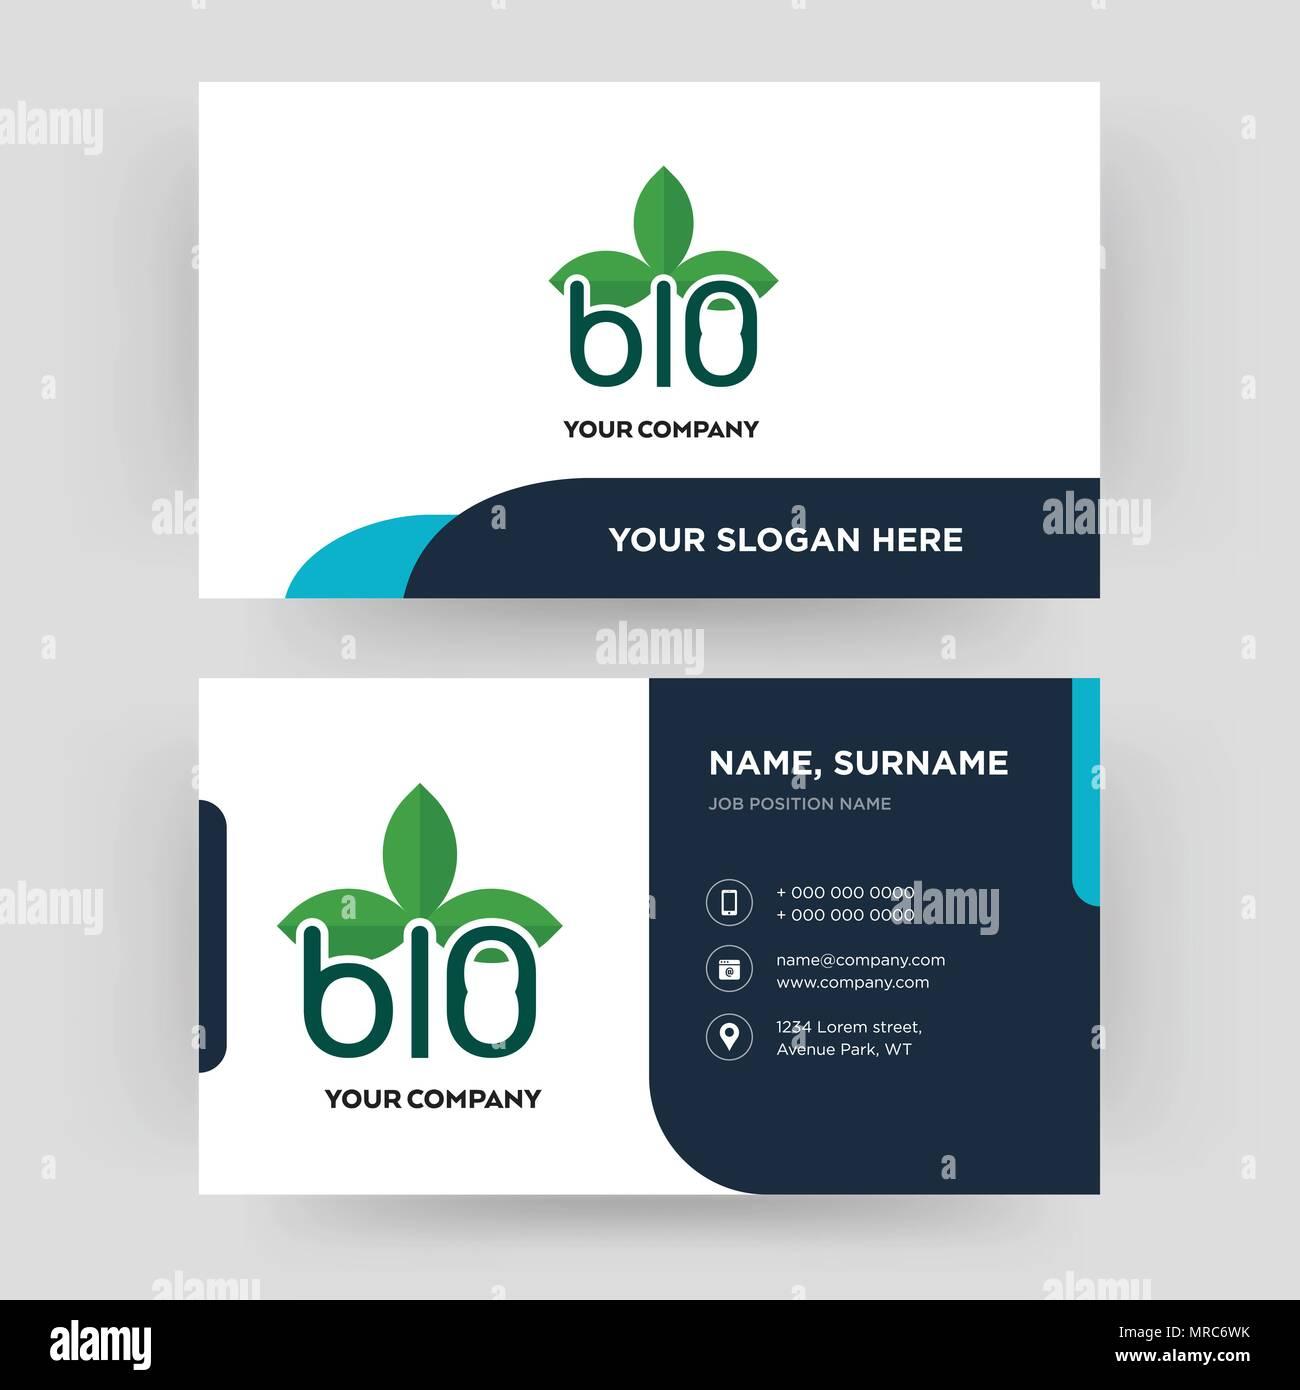 Biodegradable Carte De Visite Modele Conception Pour Votre Entreprise Creative Et Moderne Didentite Propre Vector